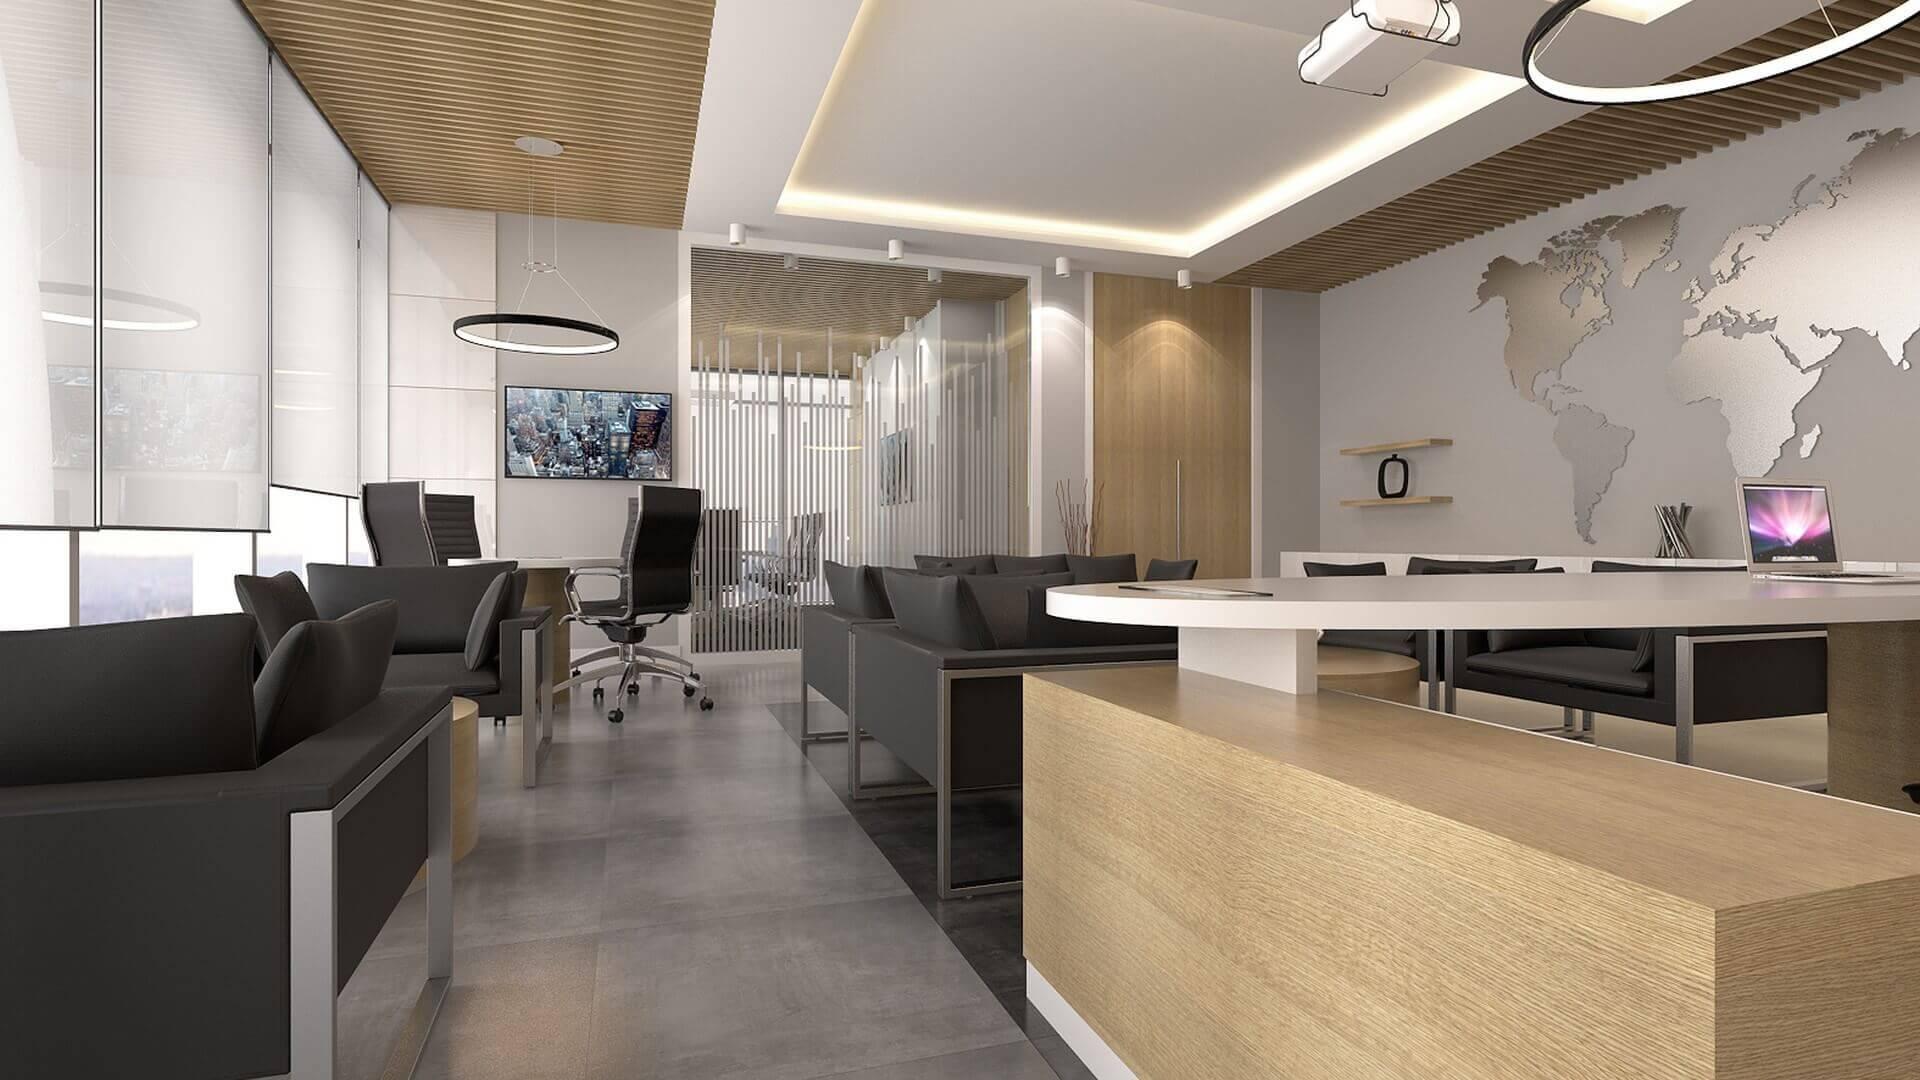 1071 Ankara 2207 Kuta Office Offices